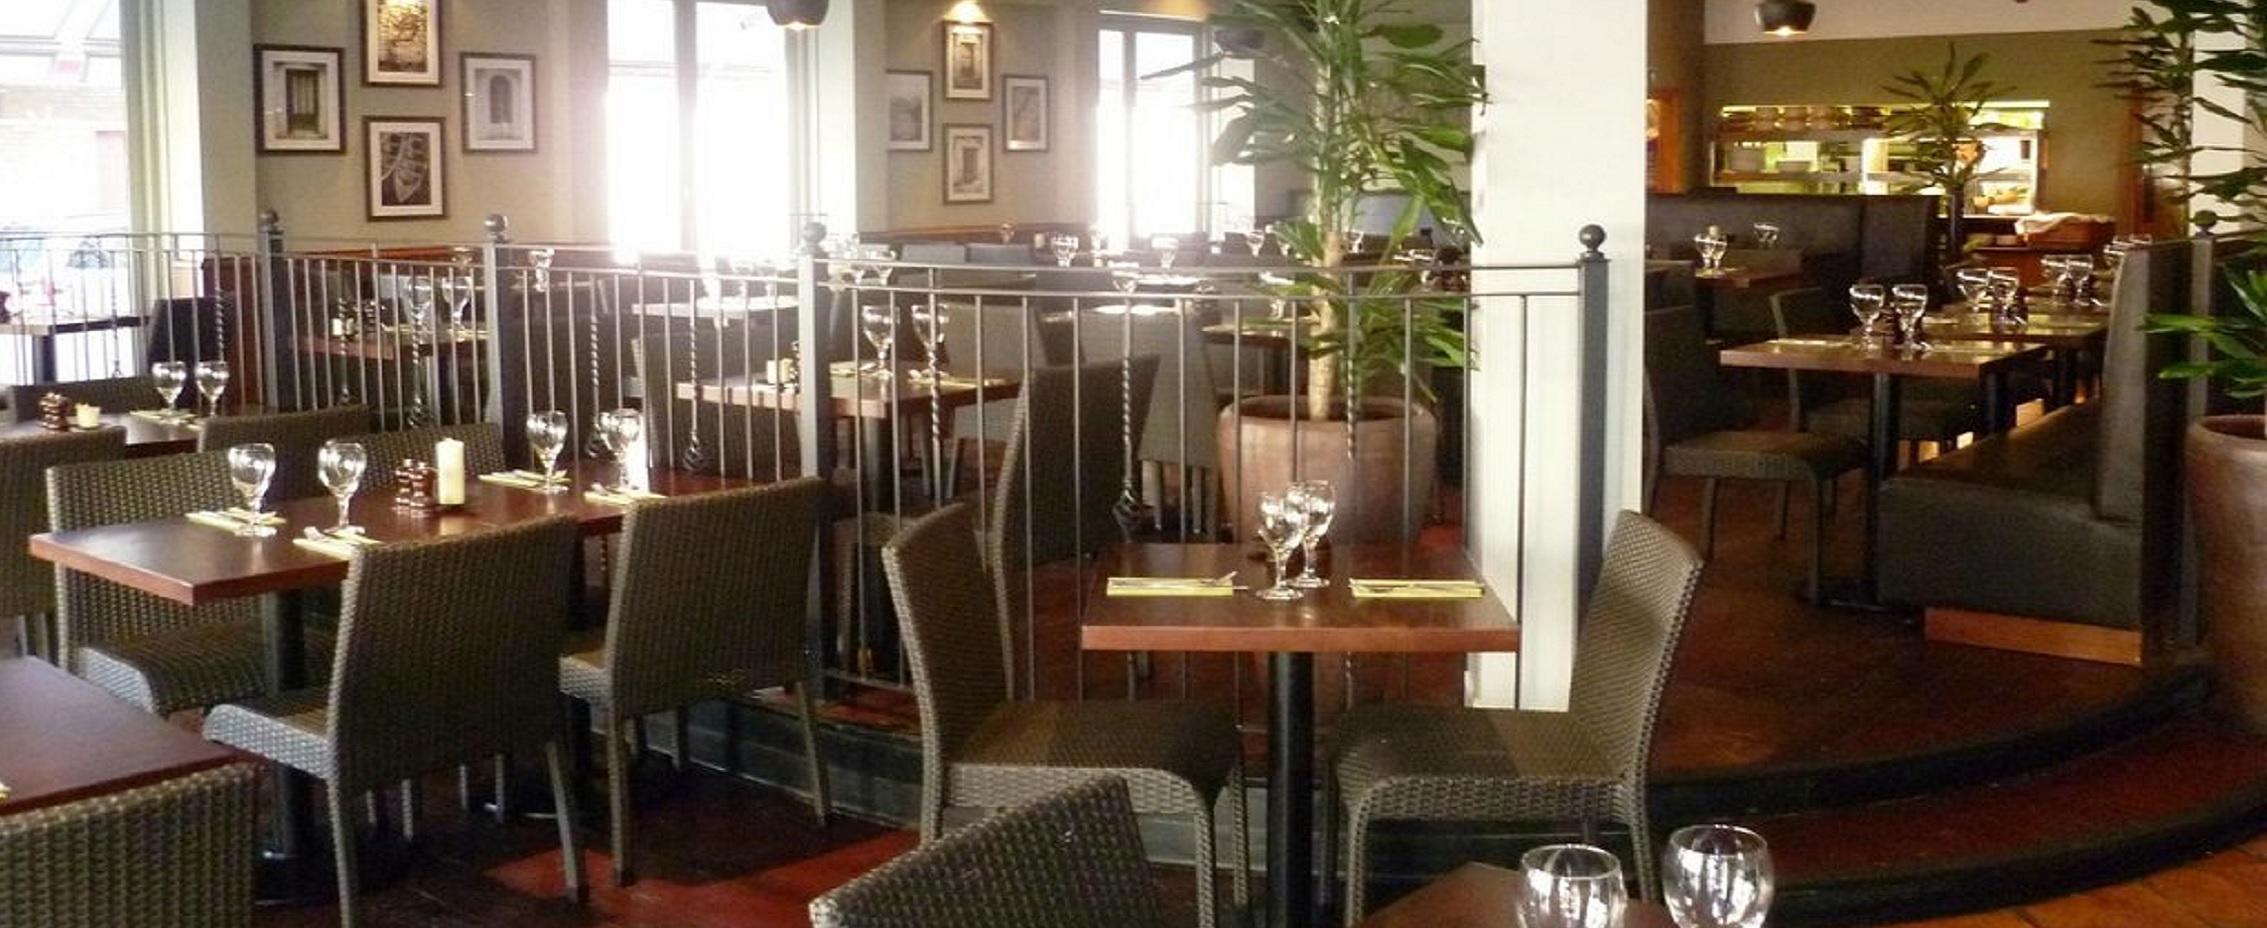 Ego Mediterranean Restaurant & Bar Liverpool